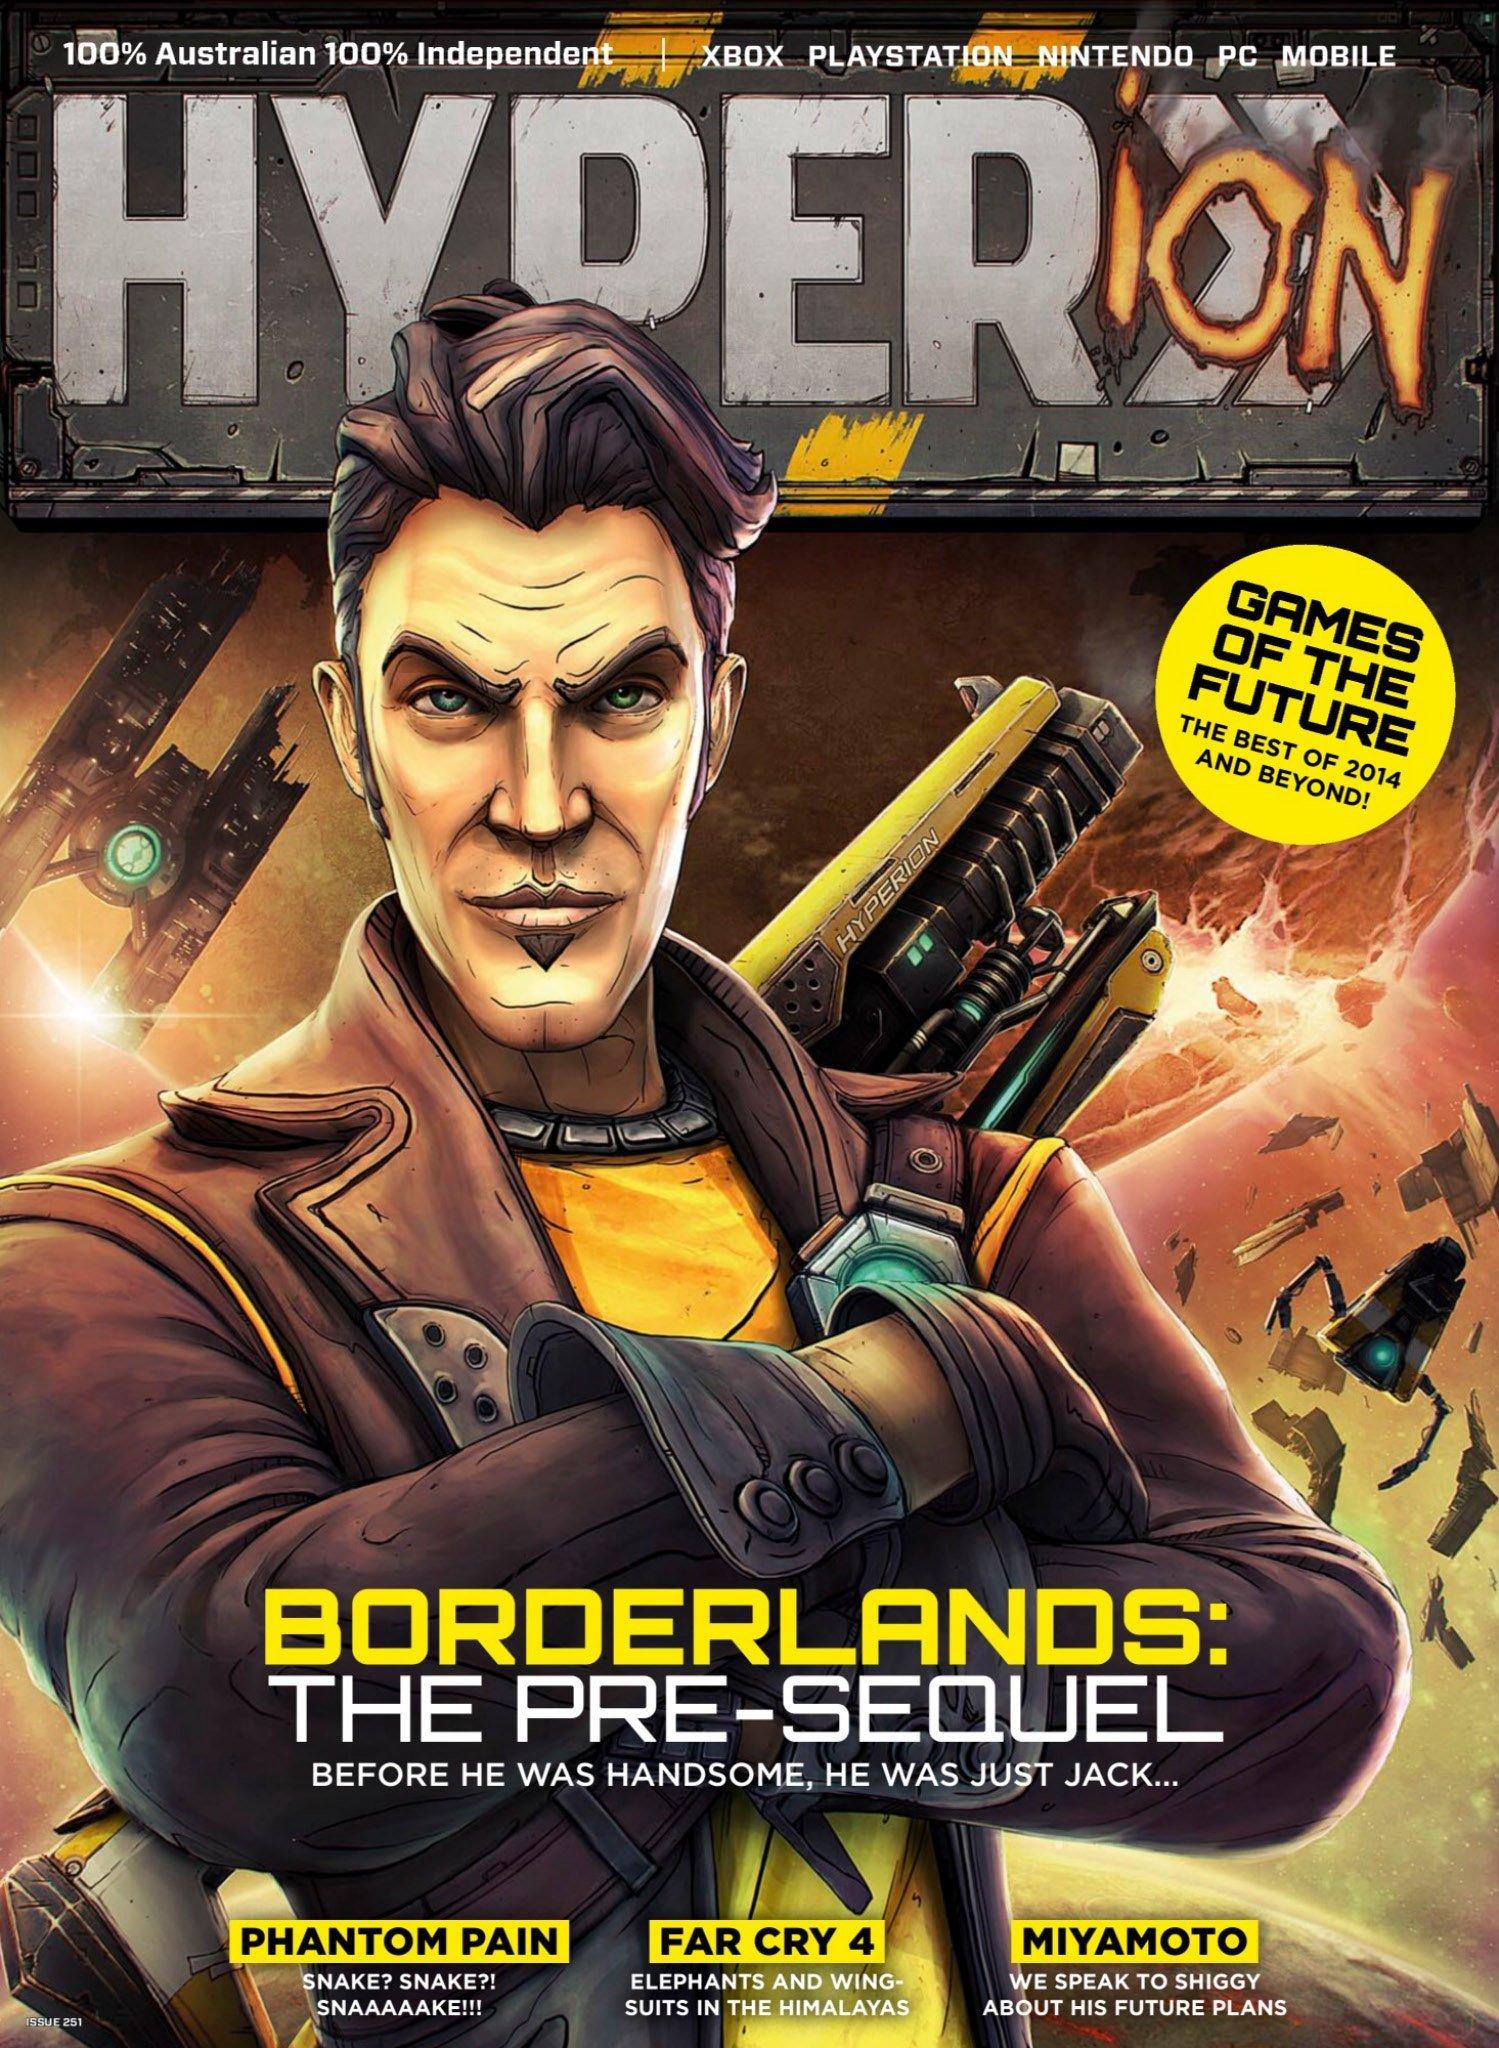 Hyper 251 (September 2014)